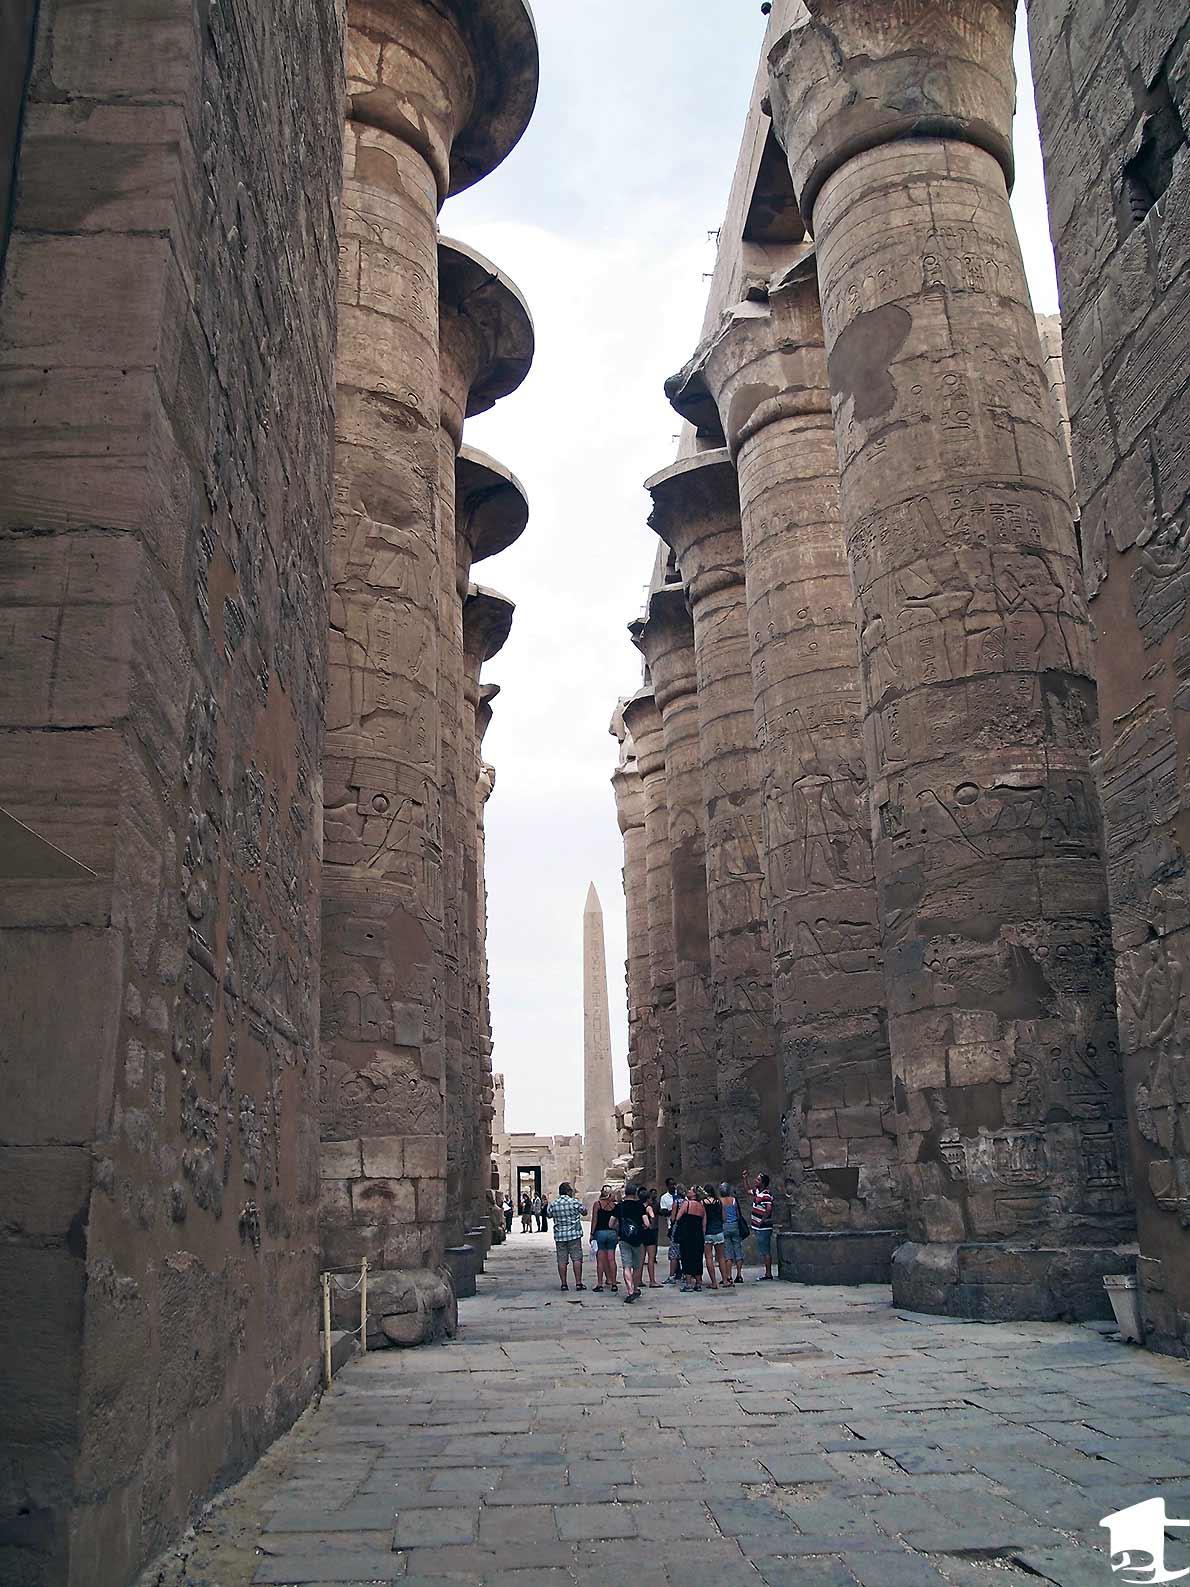 Enormous pillars at Karnak